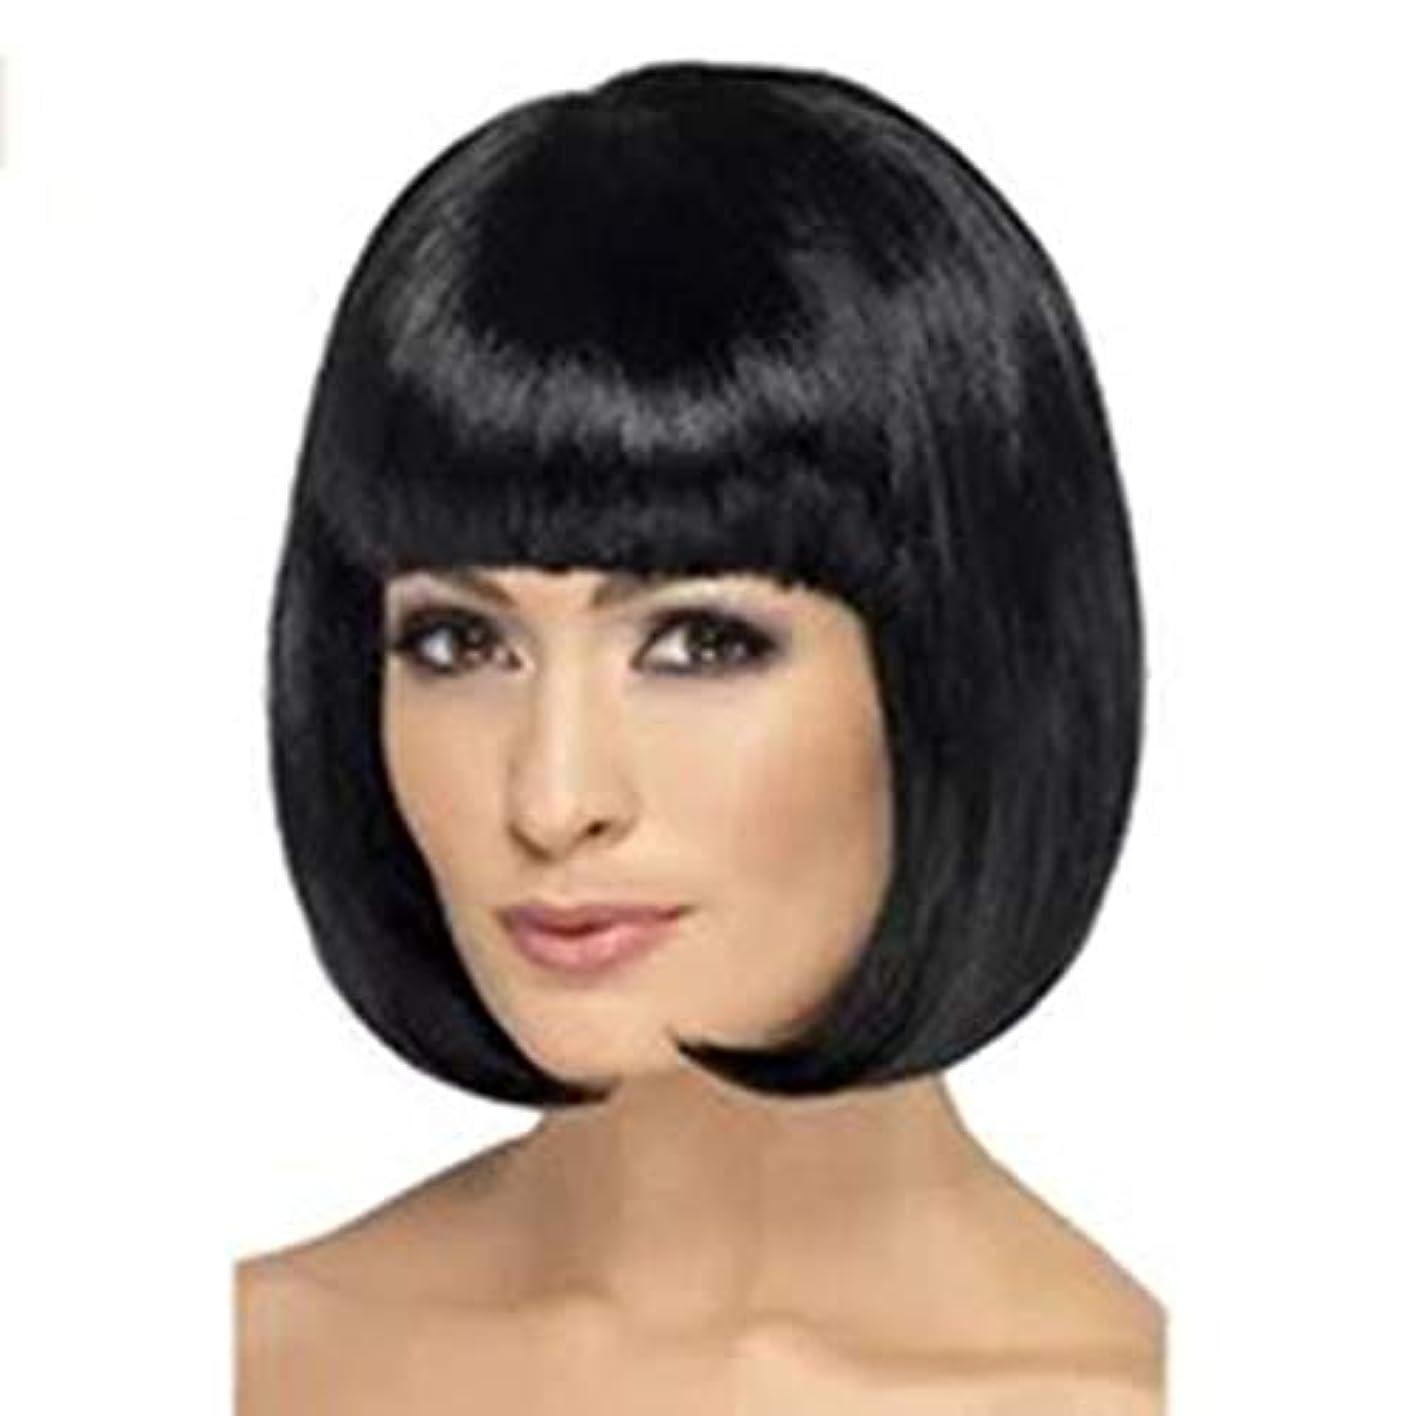 酸化するタッチ美的Kerwinner ボブかつら女性のための平らな前髪ふわふわ自然耐熱交換かつら完全な合成かつら